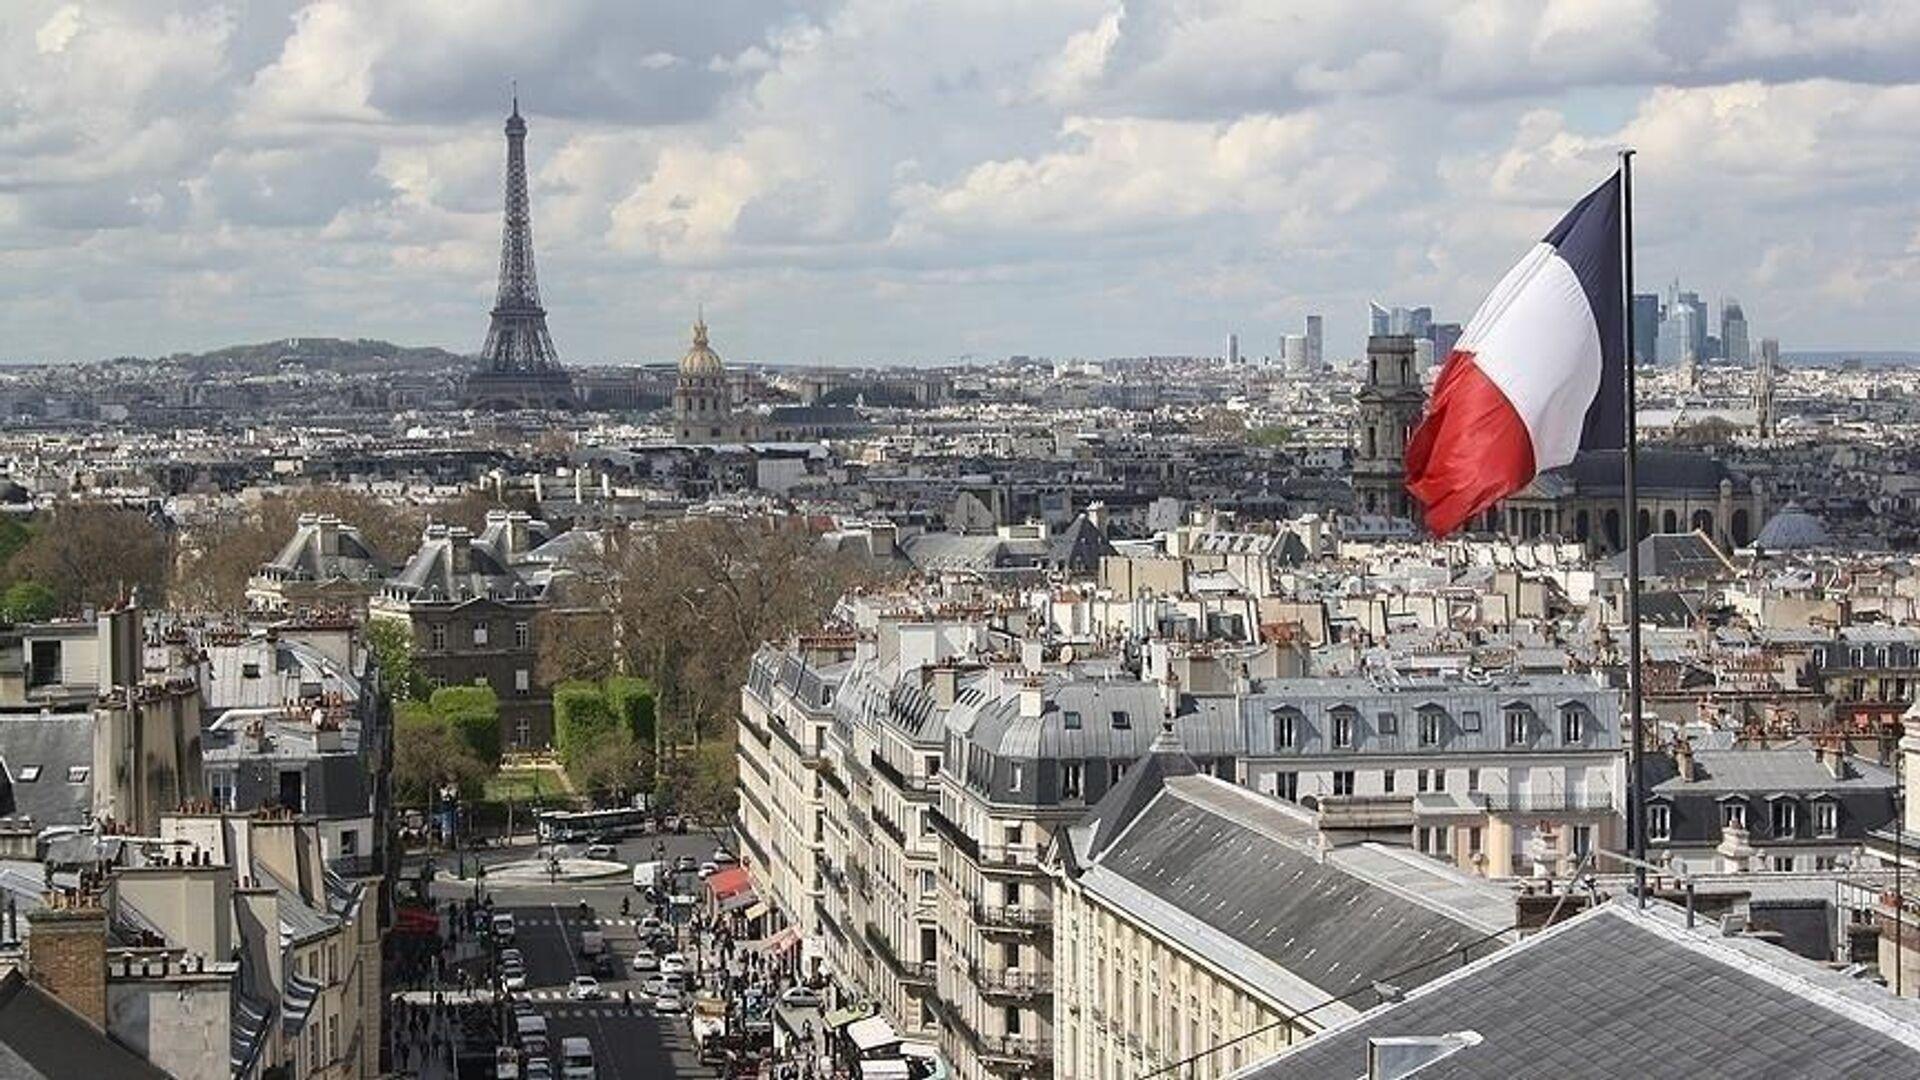 Fransa bayrak Paris Eyfel Kulesi - Sputnik Türkiye, 1920, 14.10.2021